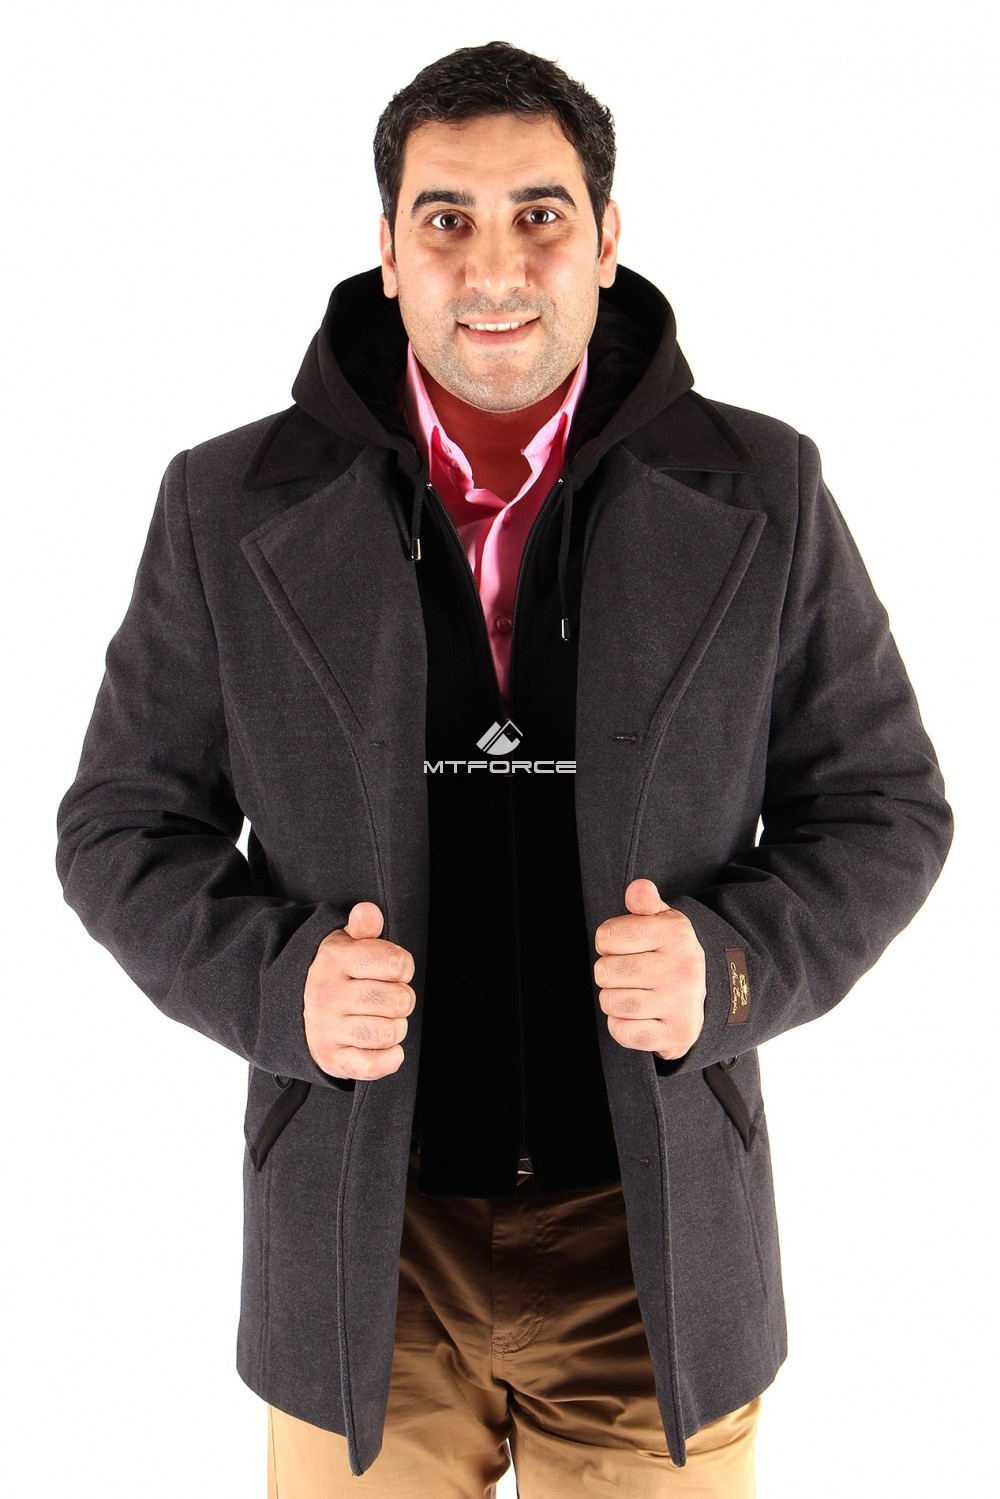 Купить                                  оптом Полупальто мужское серого цвета Мс-02Sr в Санкт-Петербурге